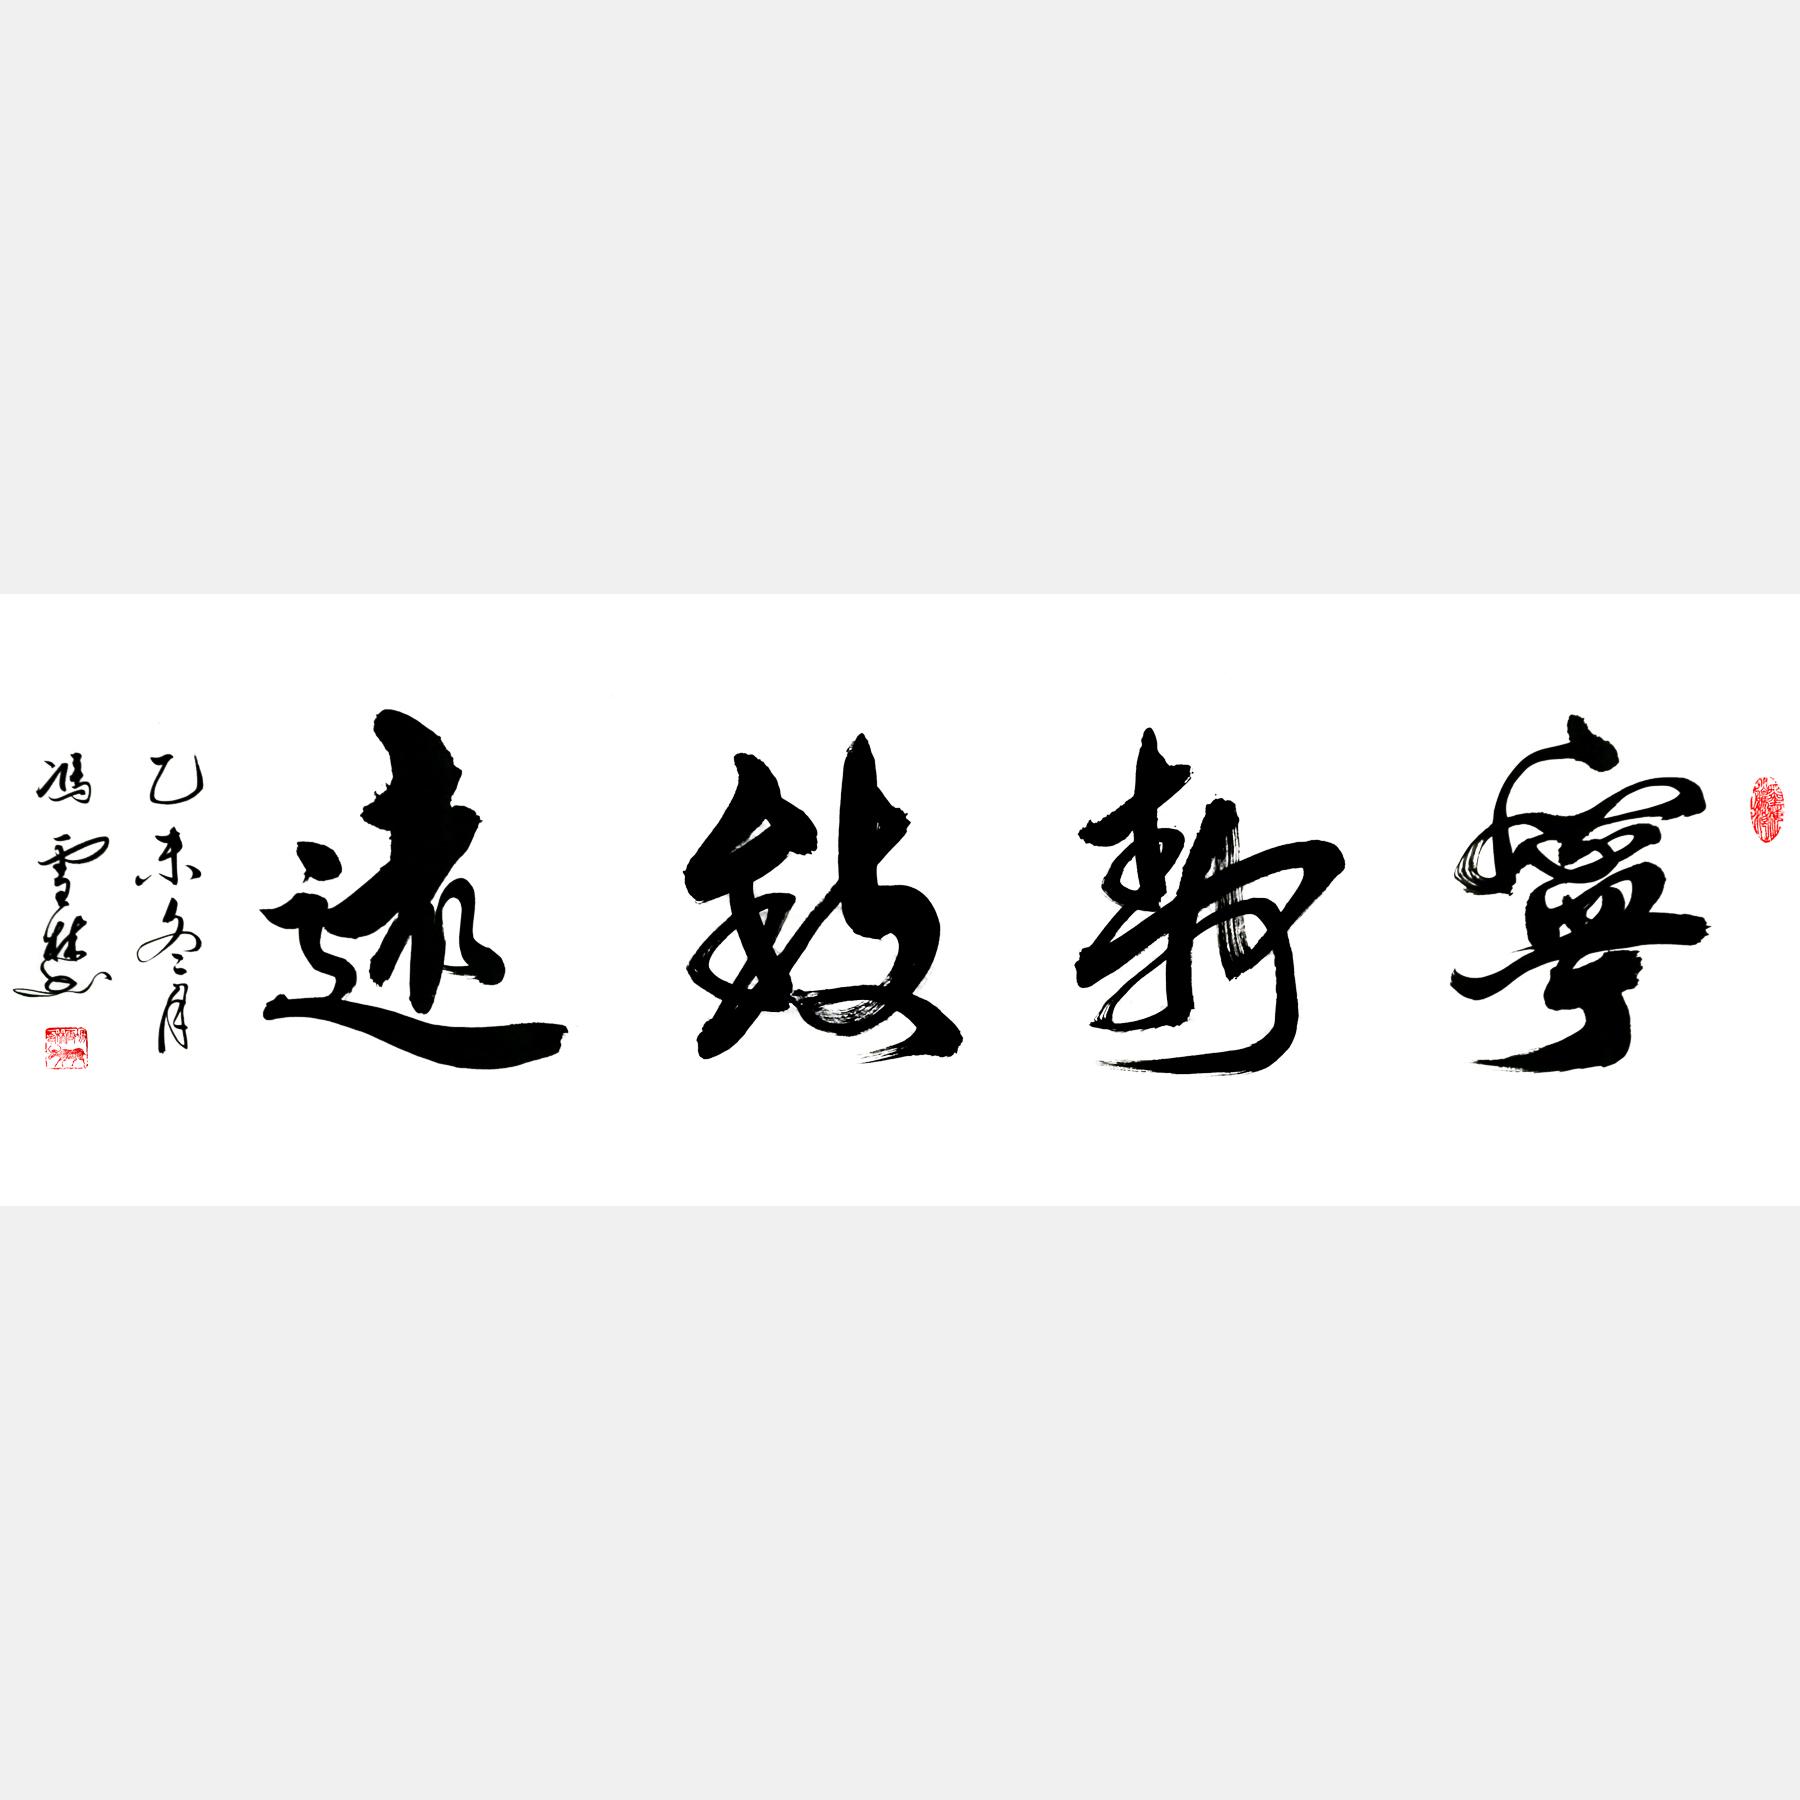 冯雪林行书 宁静致远书法作品欣赏 名家字画